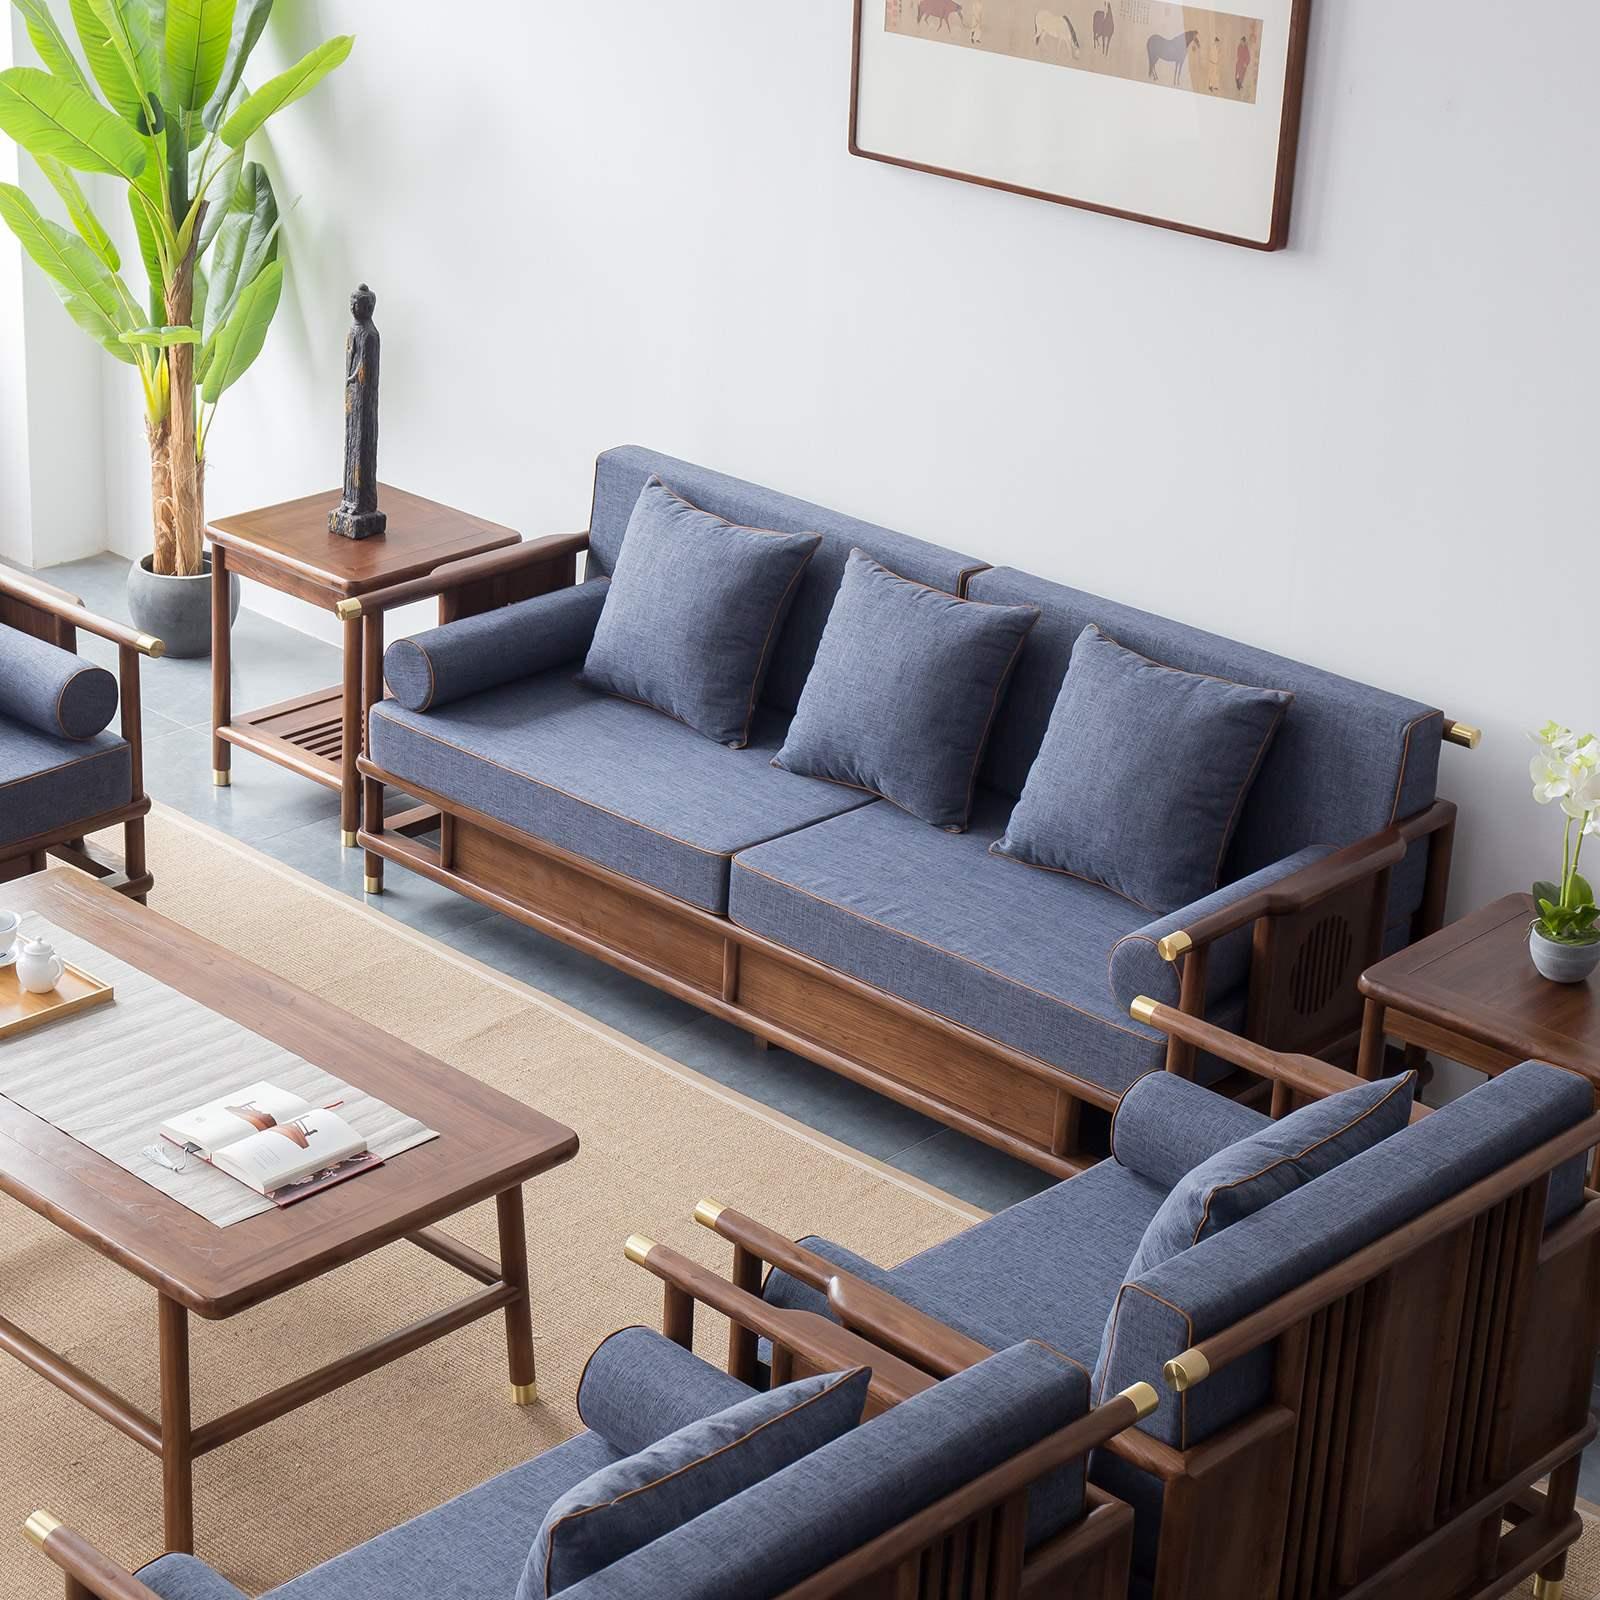 新中式沙发黑胡桃实木中国风家具现代中式禅意别墅客厅沙发组合